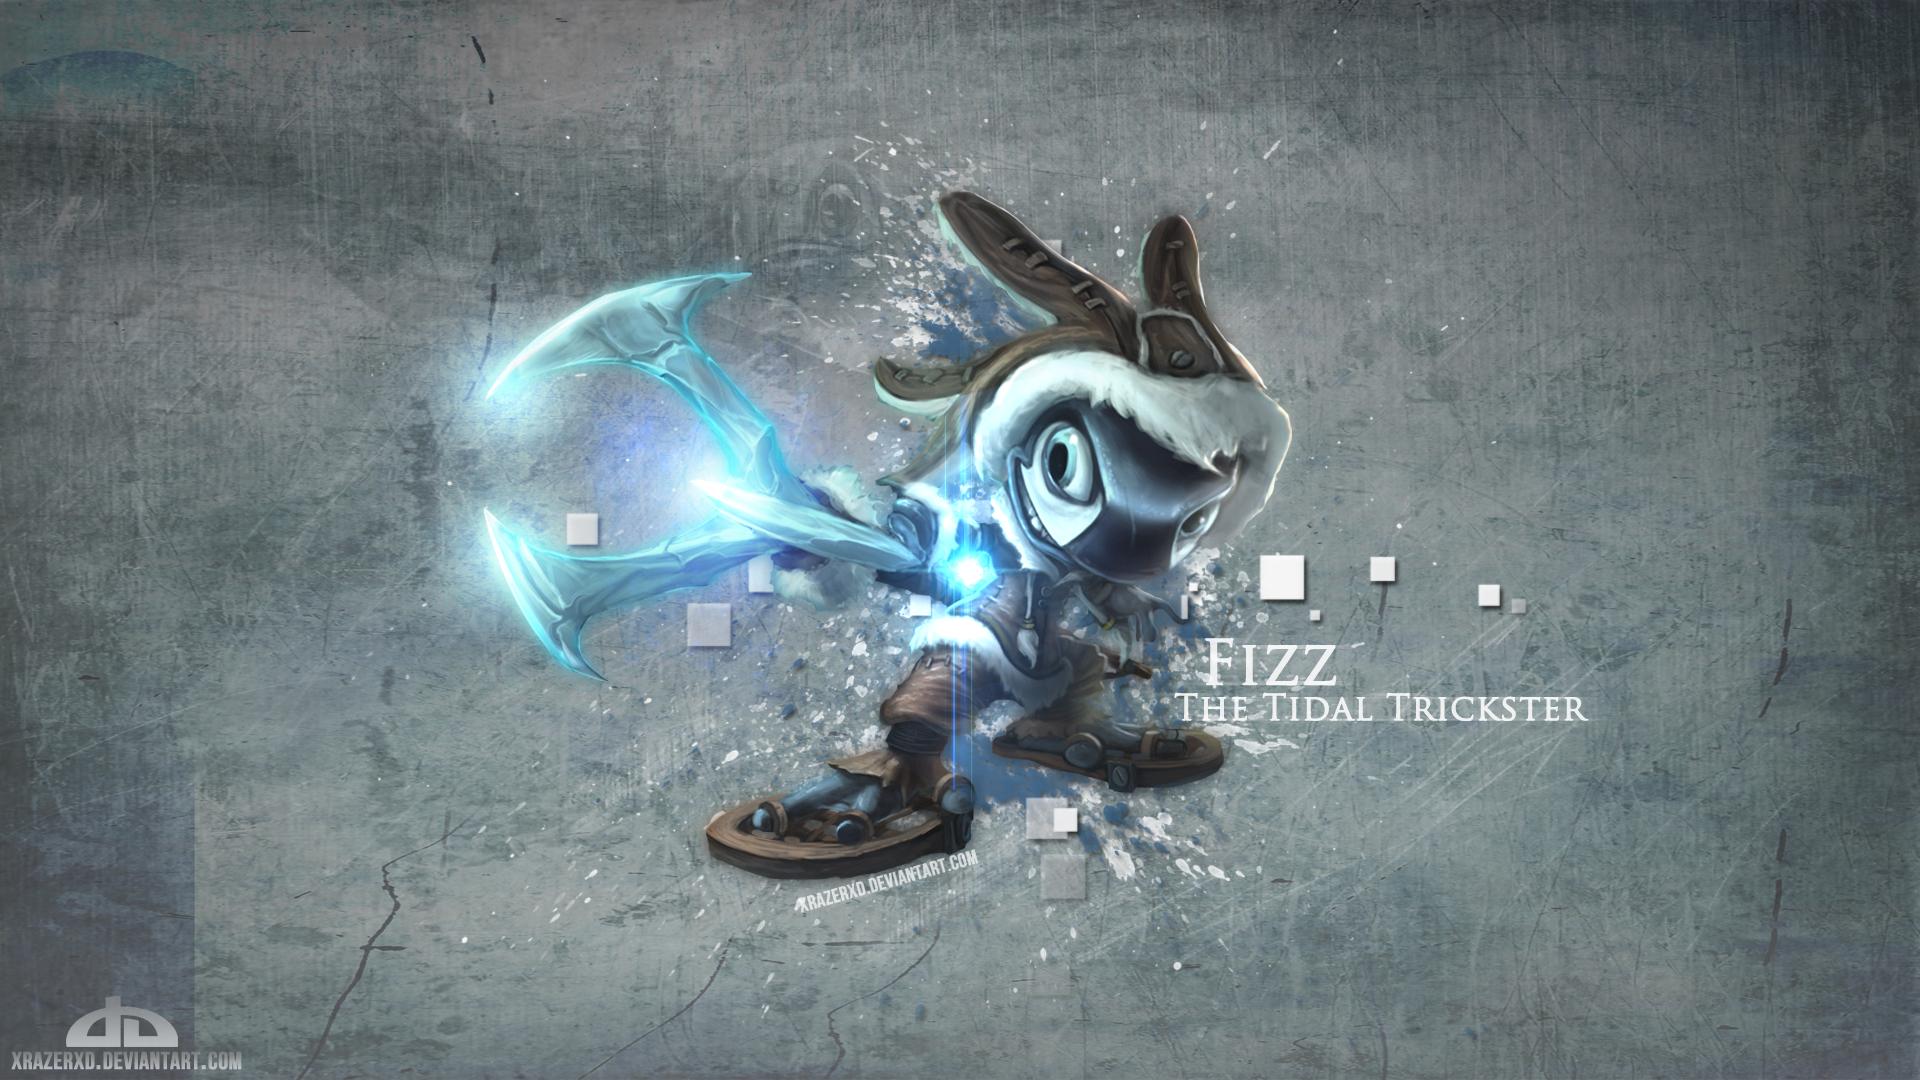 Tundra Fizz wallpaper